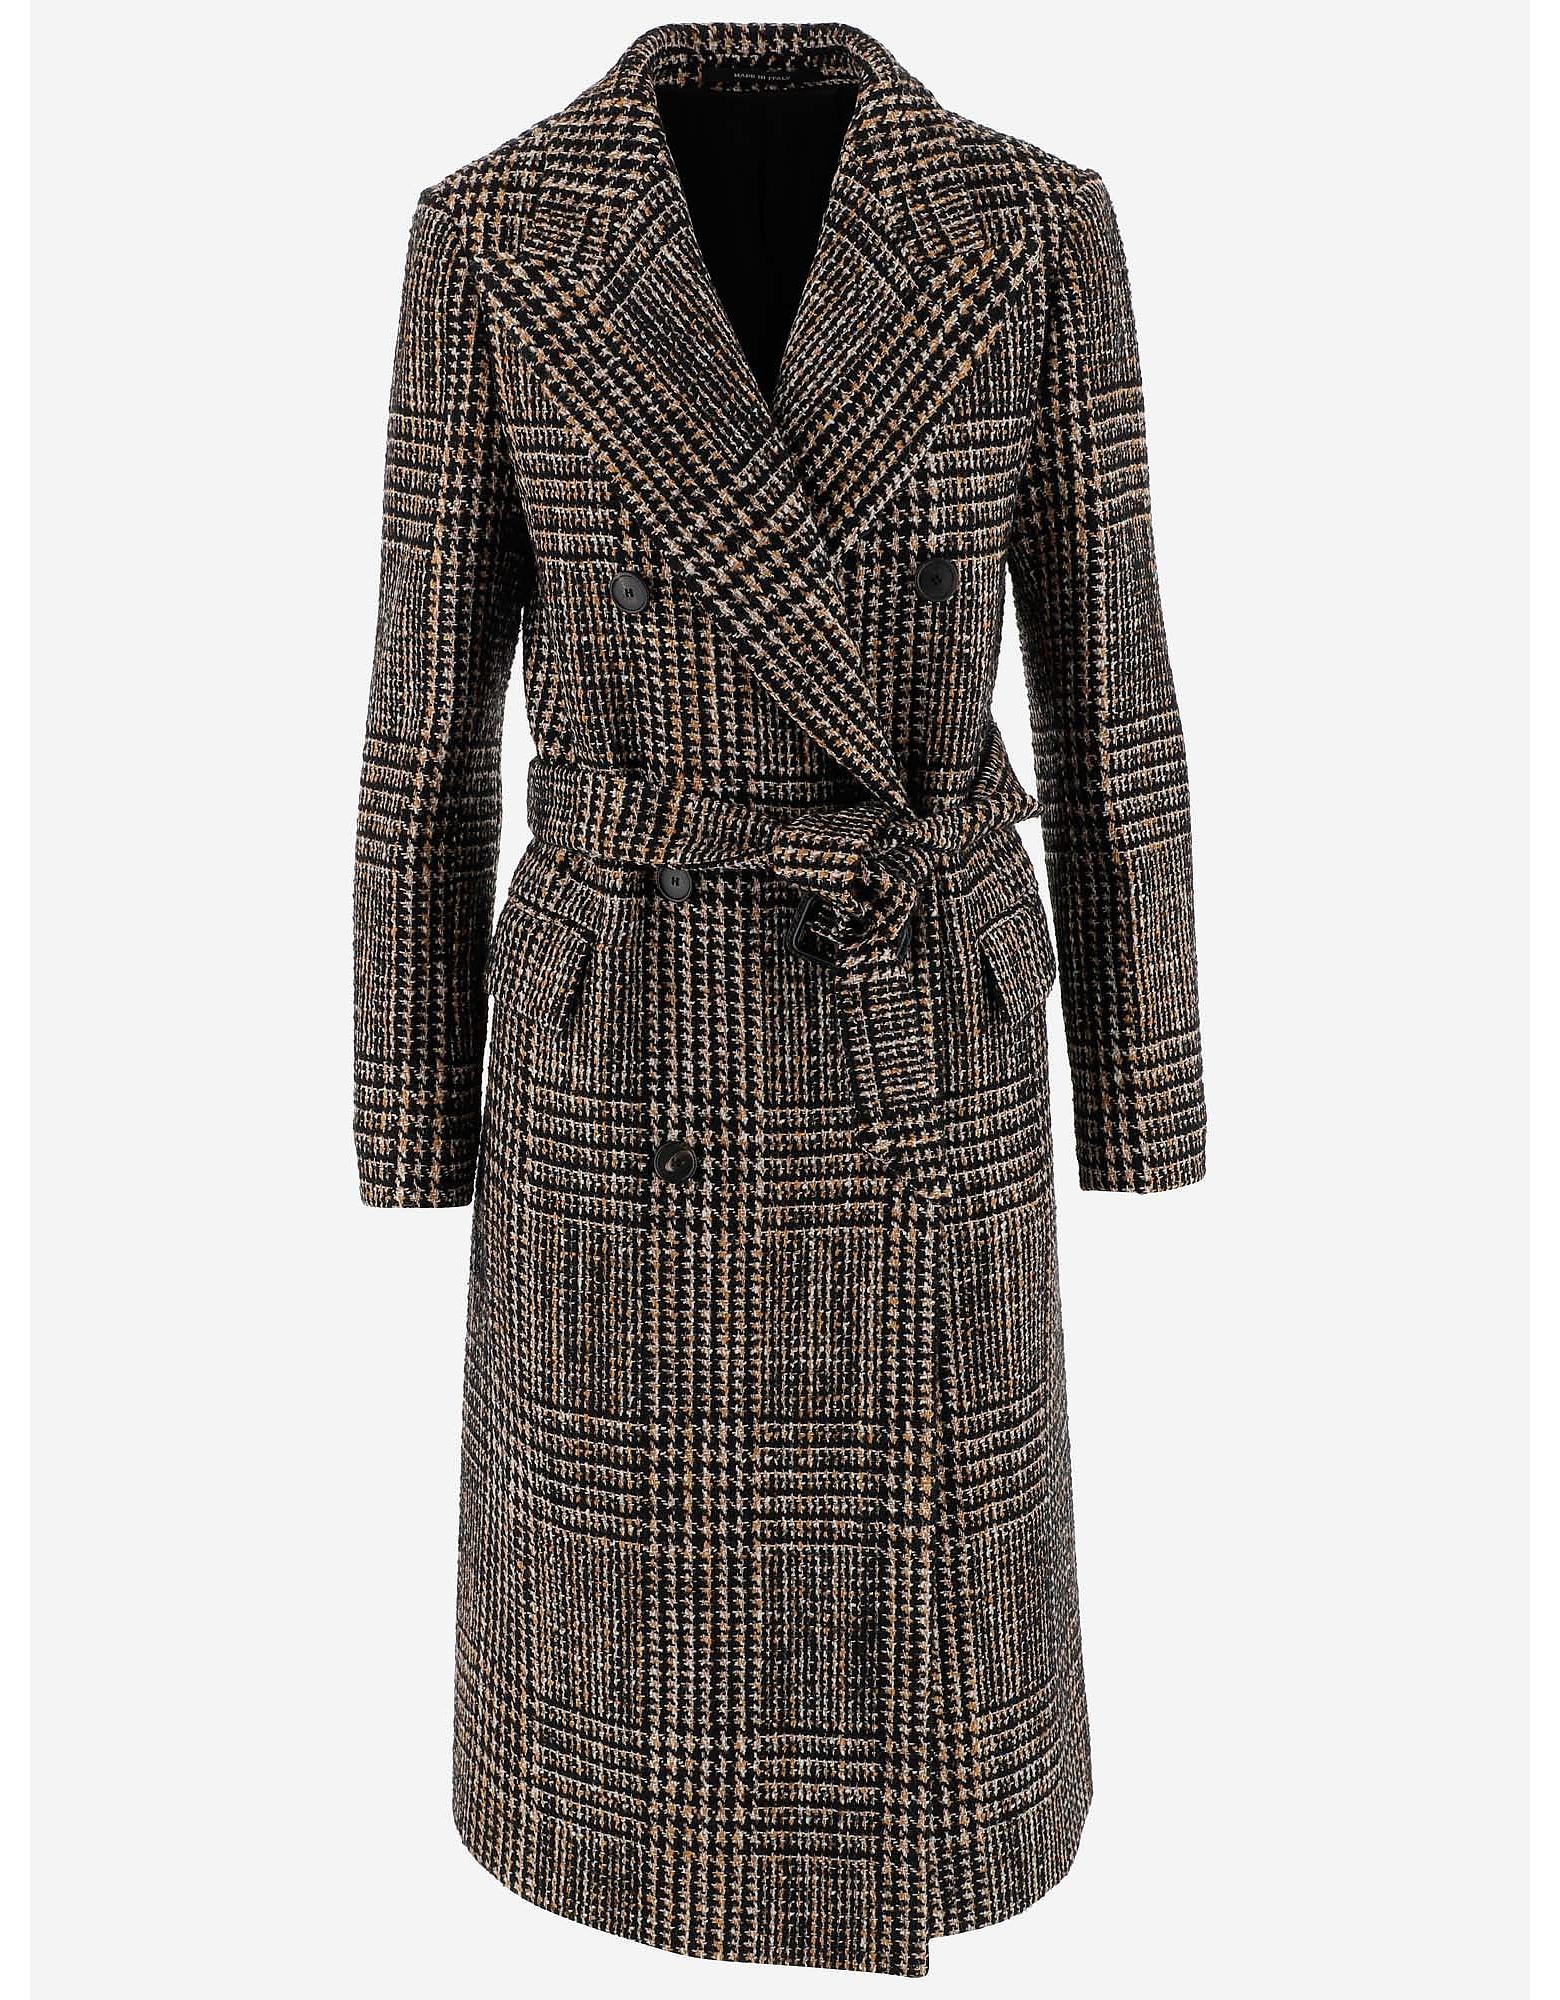 50s Men's Jackets   Greaser Jackets, Leather, Bomber, Gabardine Tagliatore Designer Coats  Jackets Wool Belted Womens Long Coat $575.25 AT vintagedancer.com